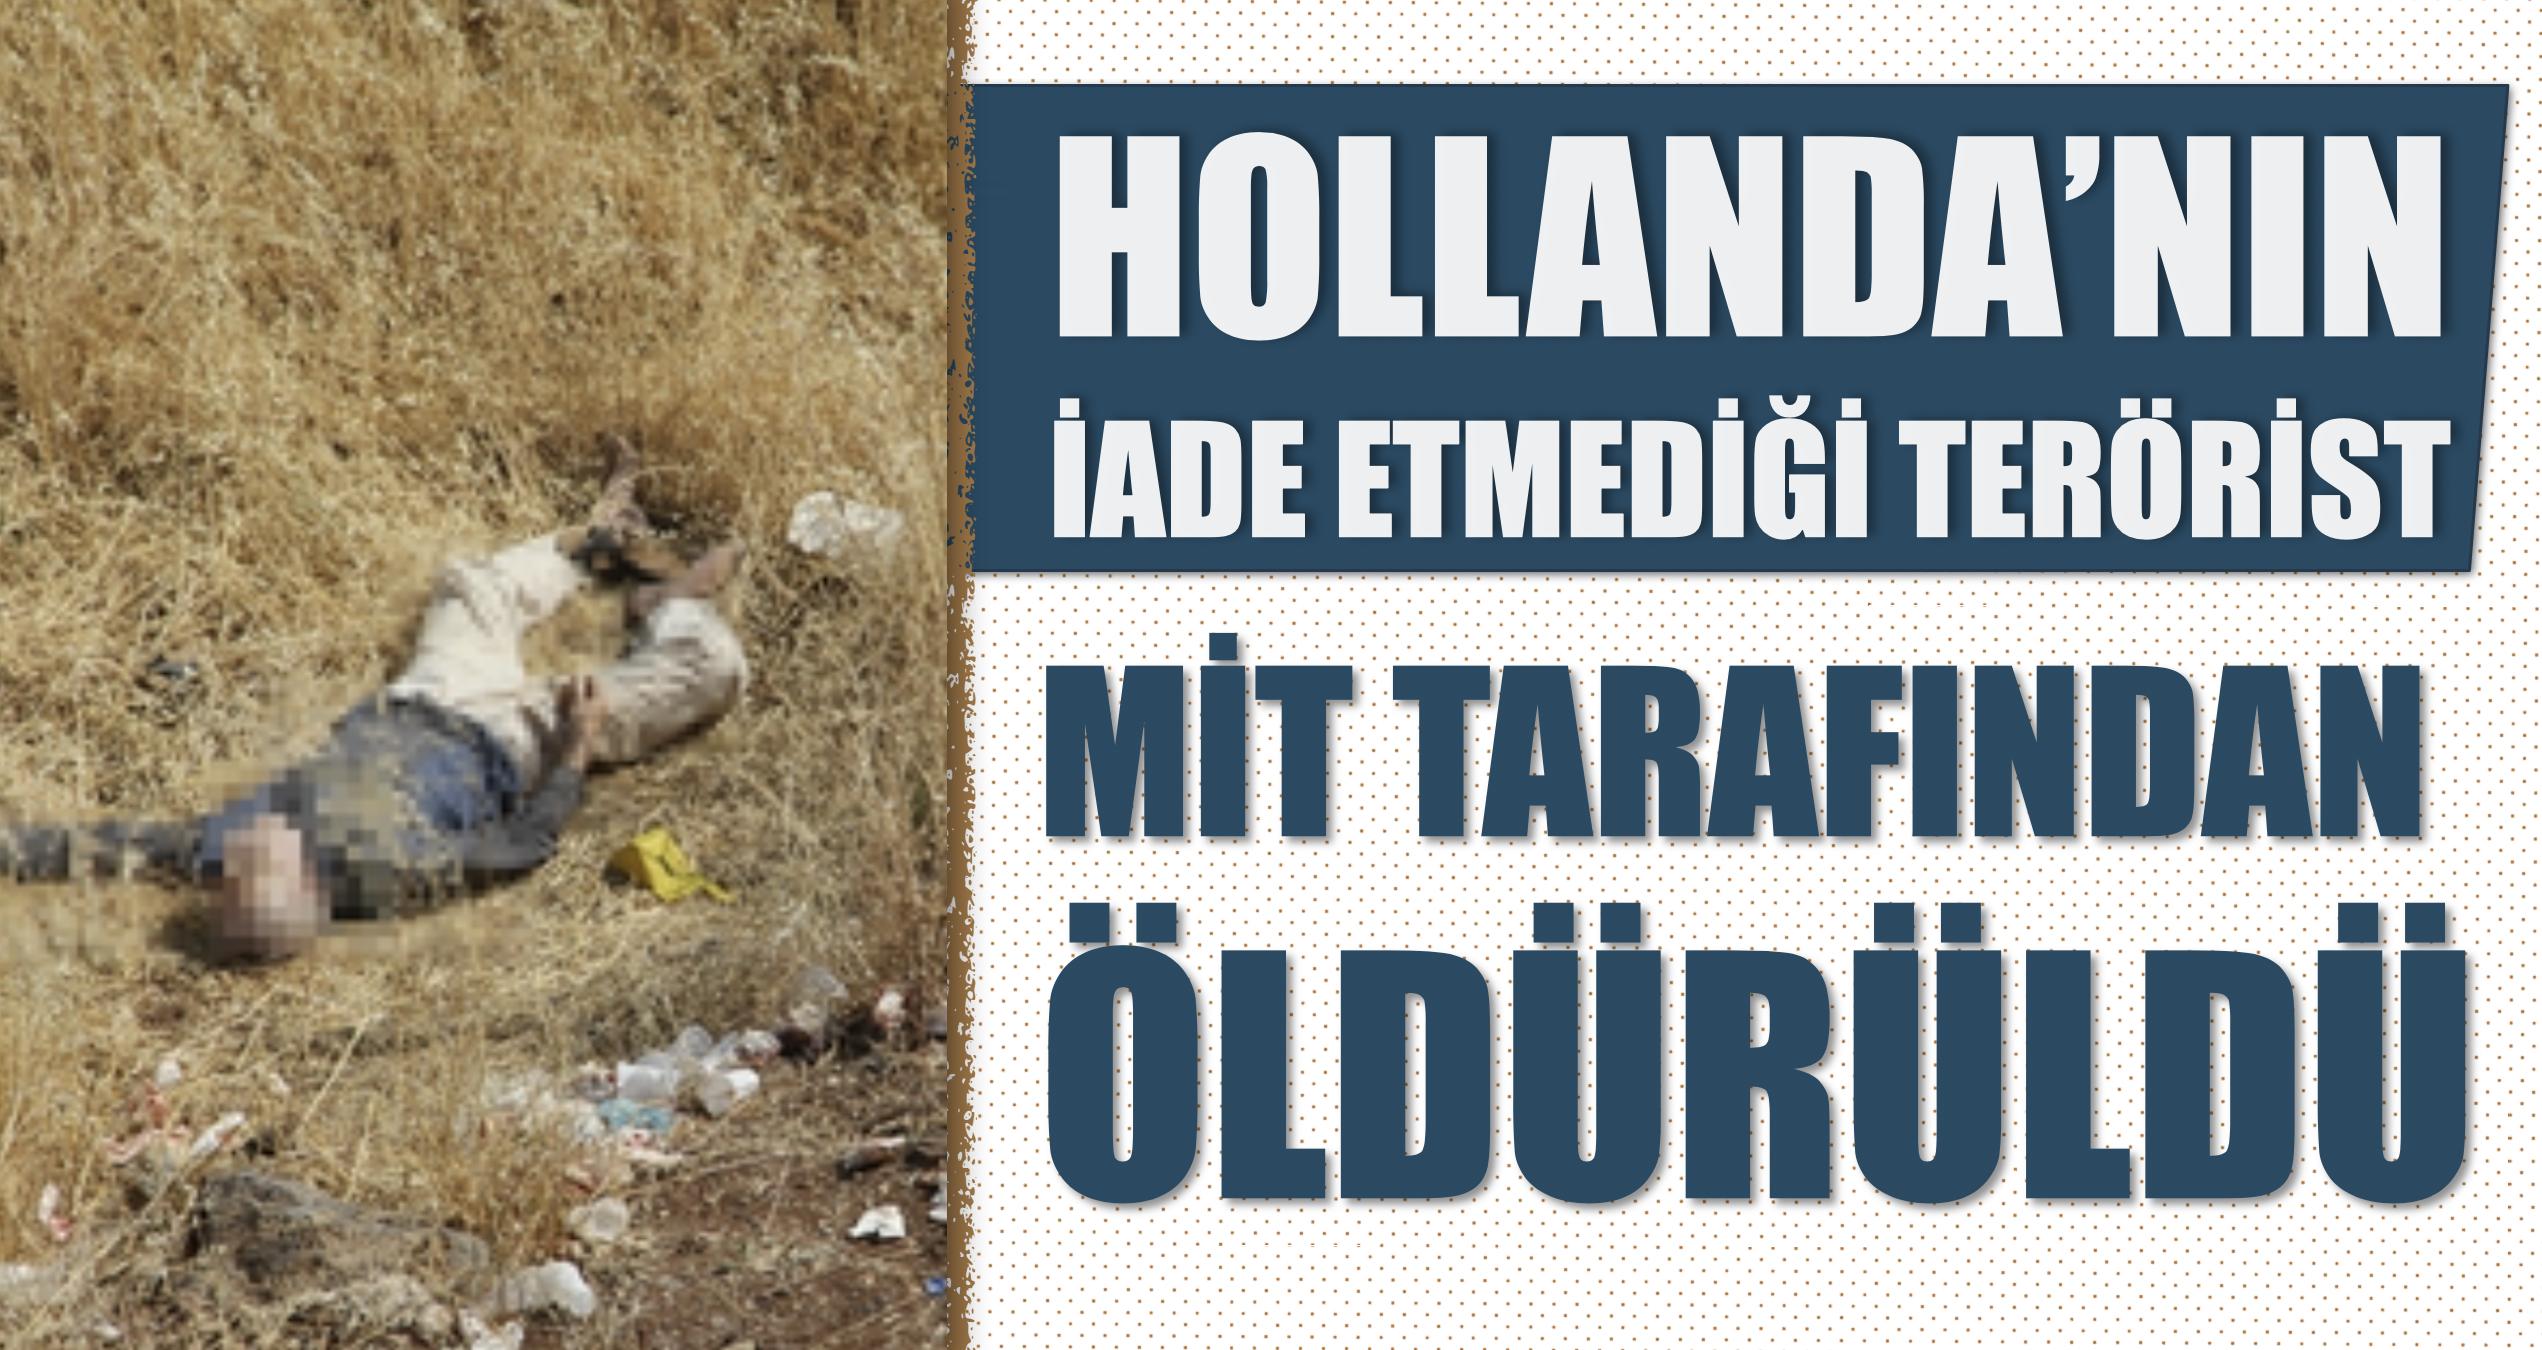 Hollanda'nın iade etmediği terörist MİT tarafından öldürüldü